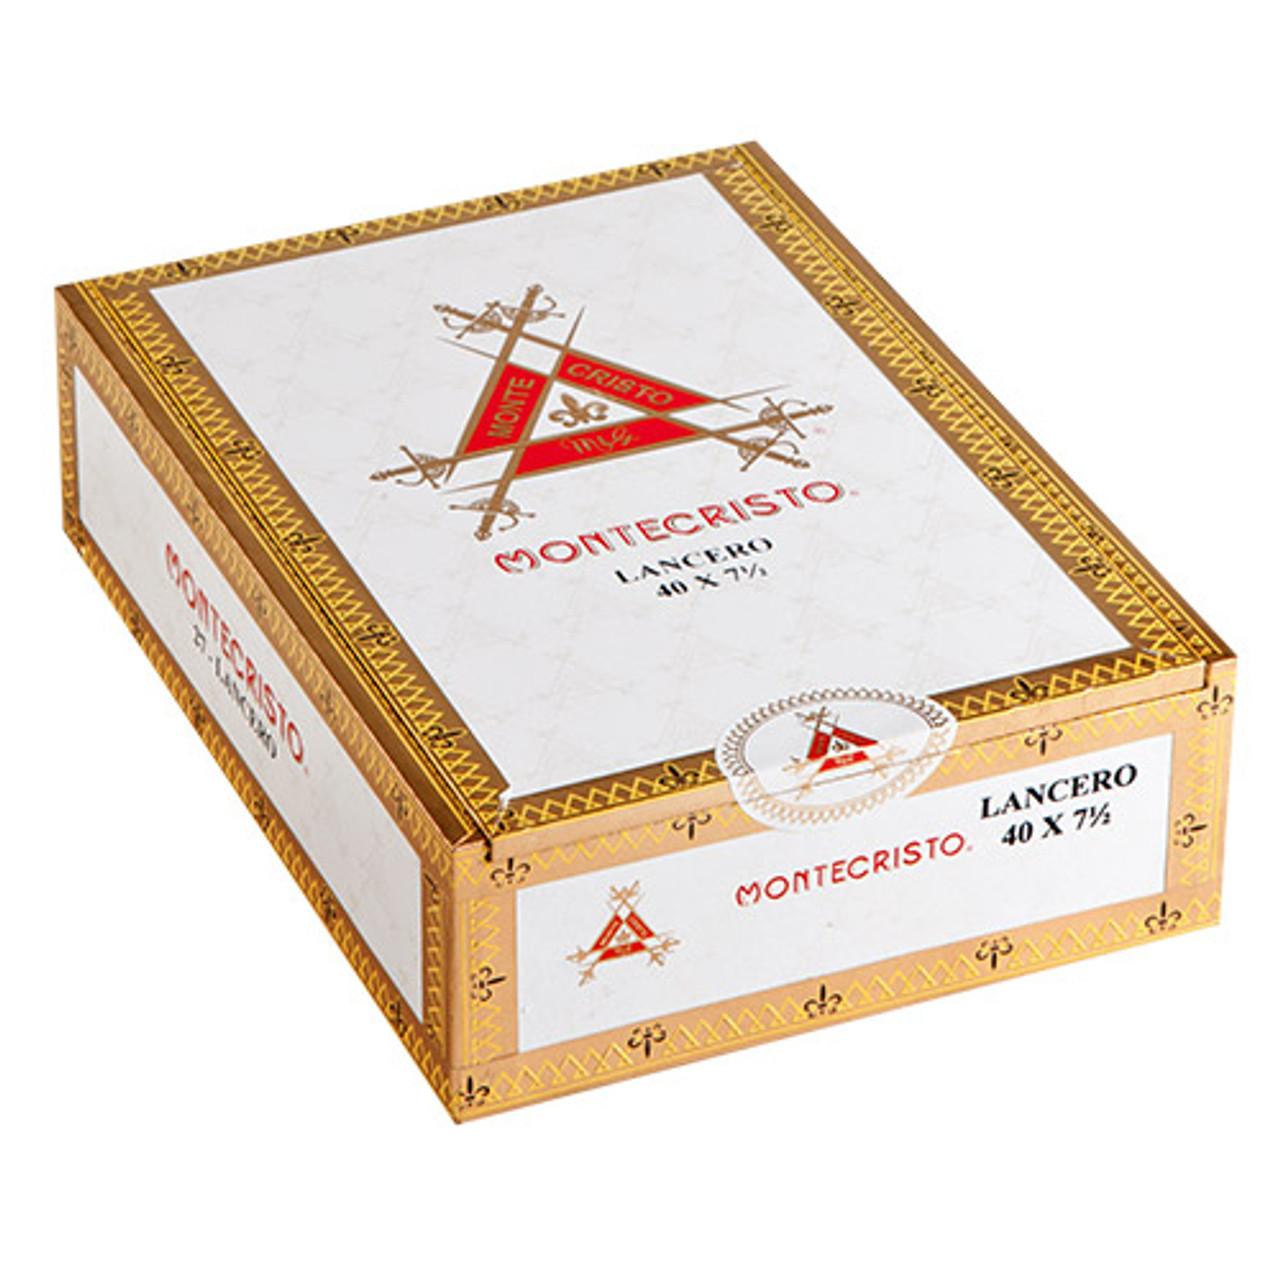 Montecristo White No. 1 Especial - 6.62 x 44 Cigars (Box of 27)